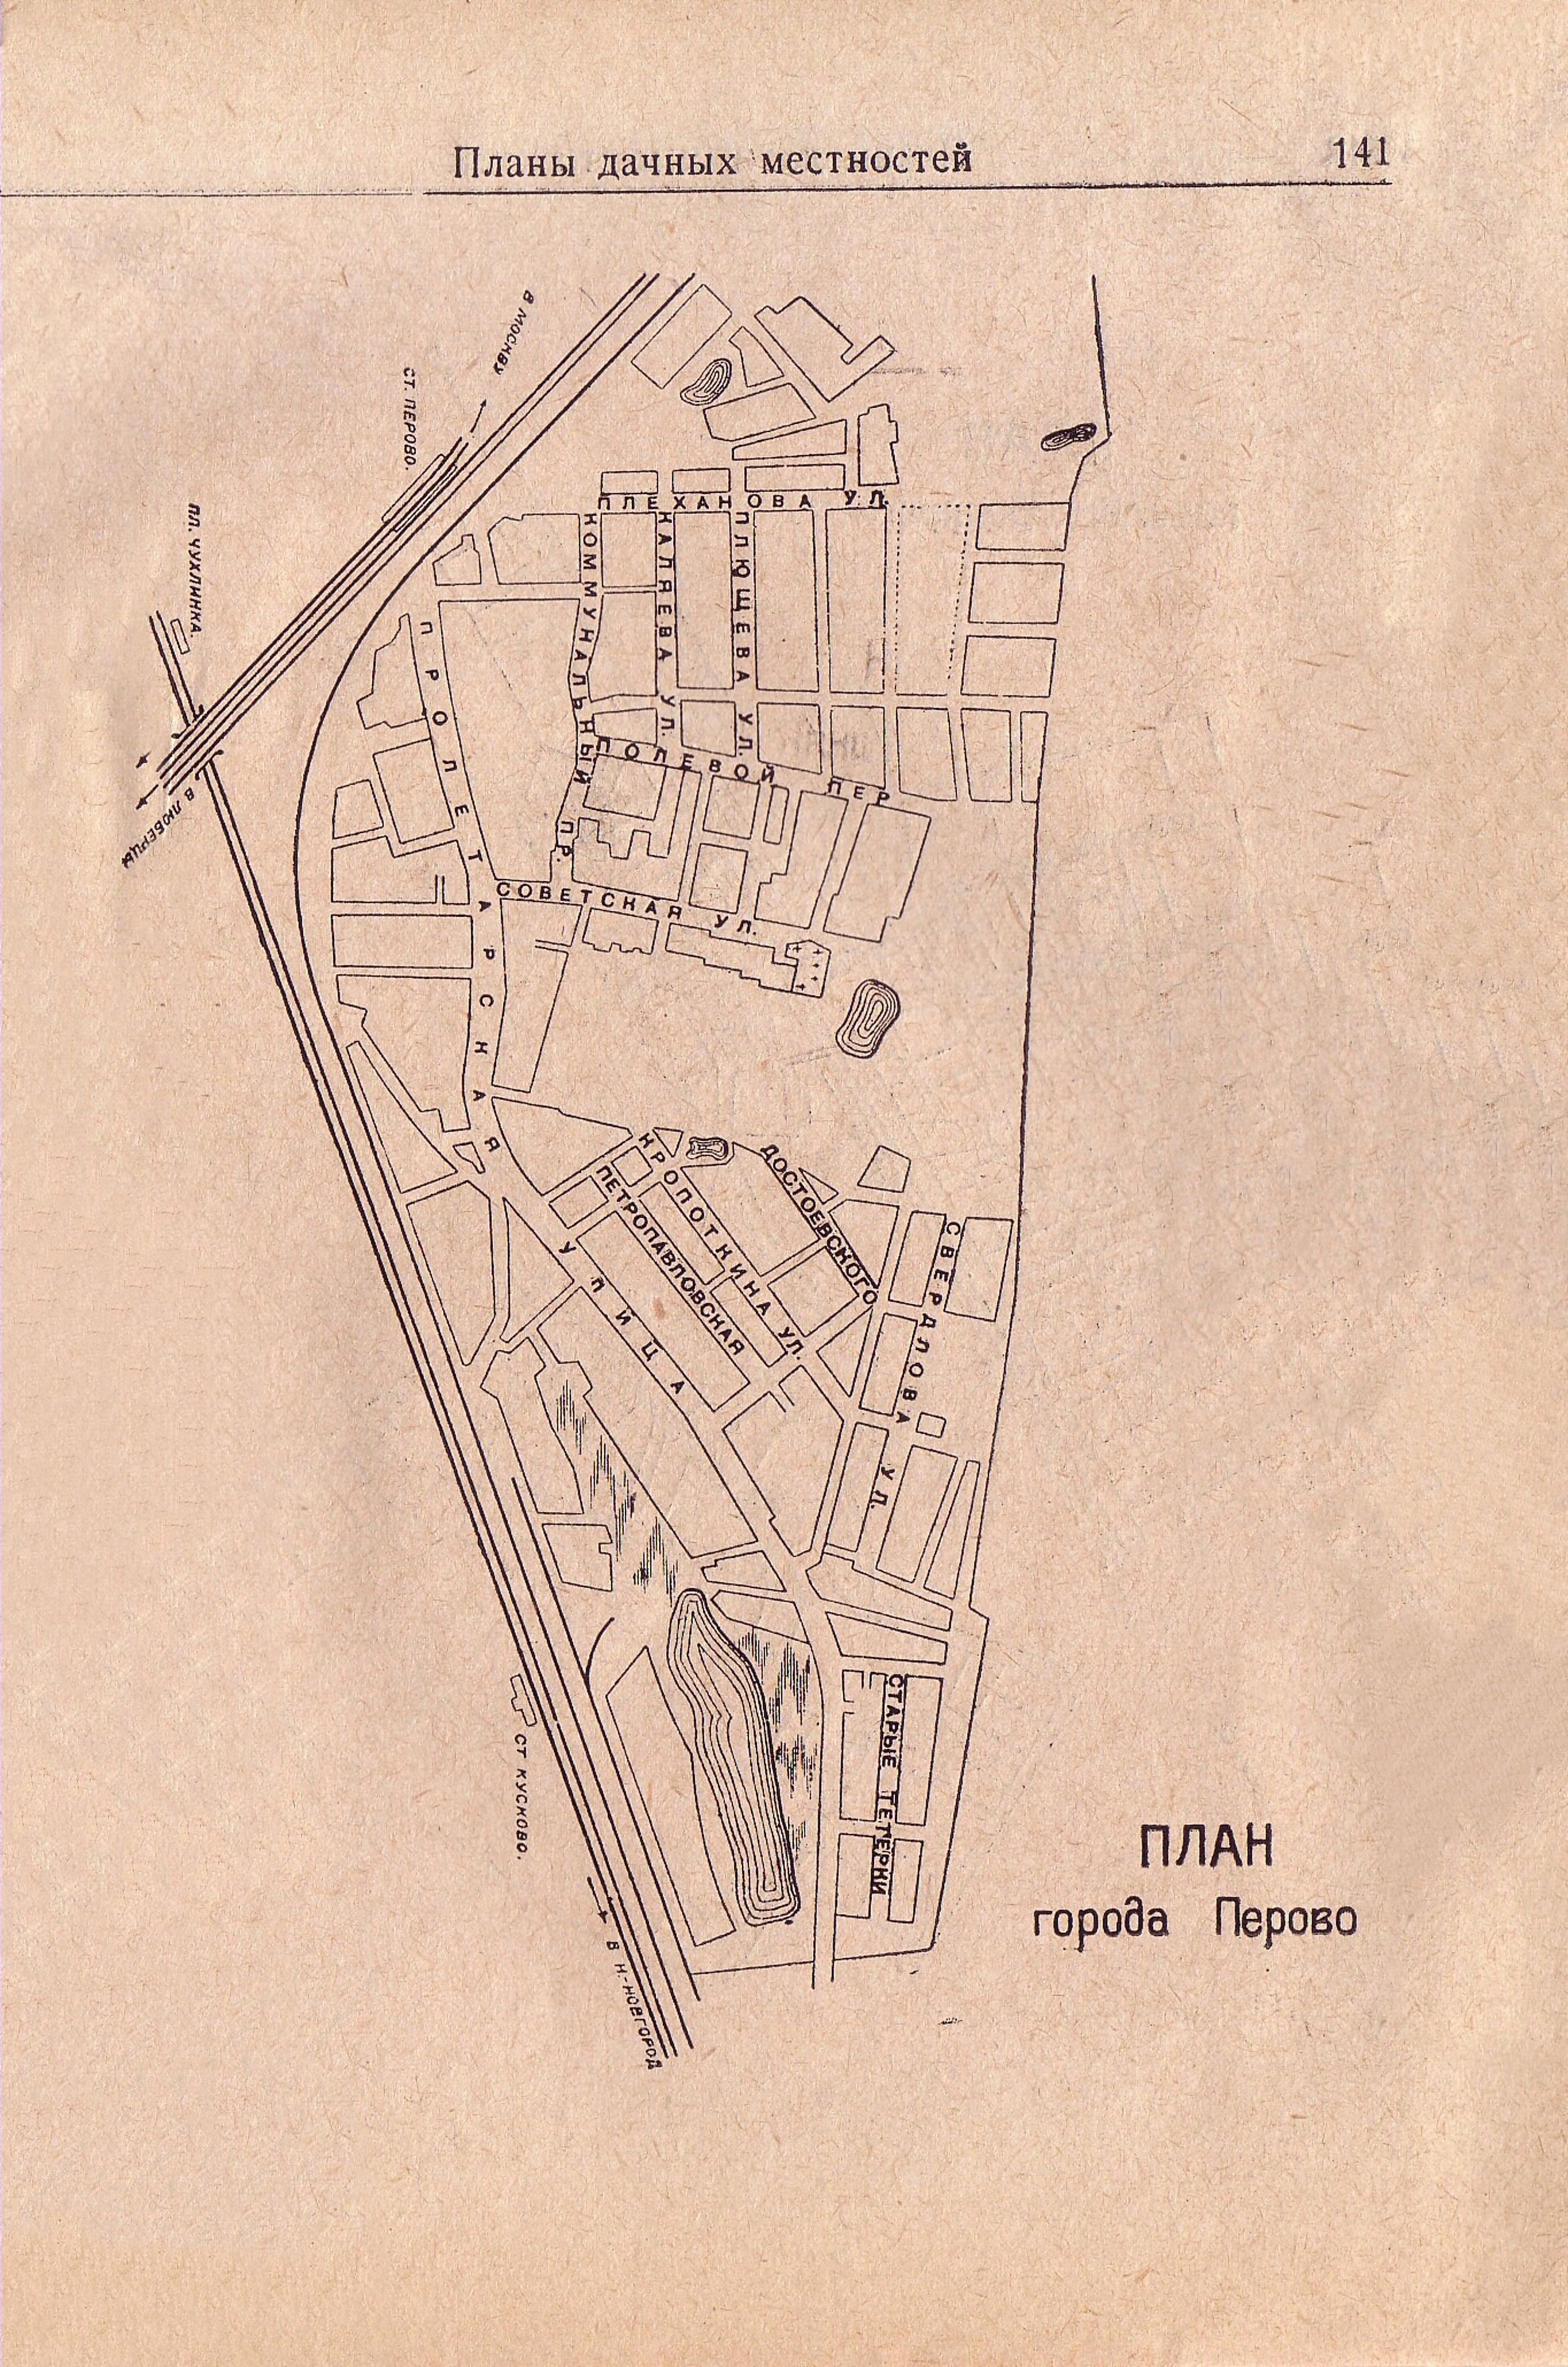 141. План города «Перово»